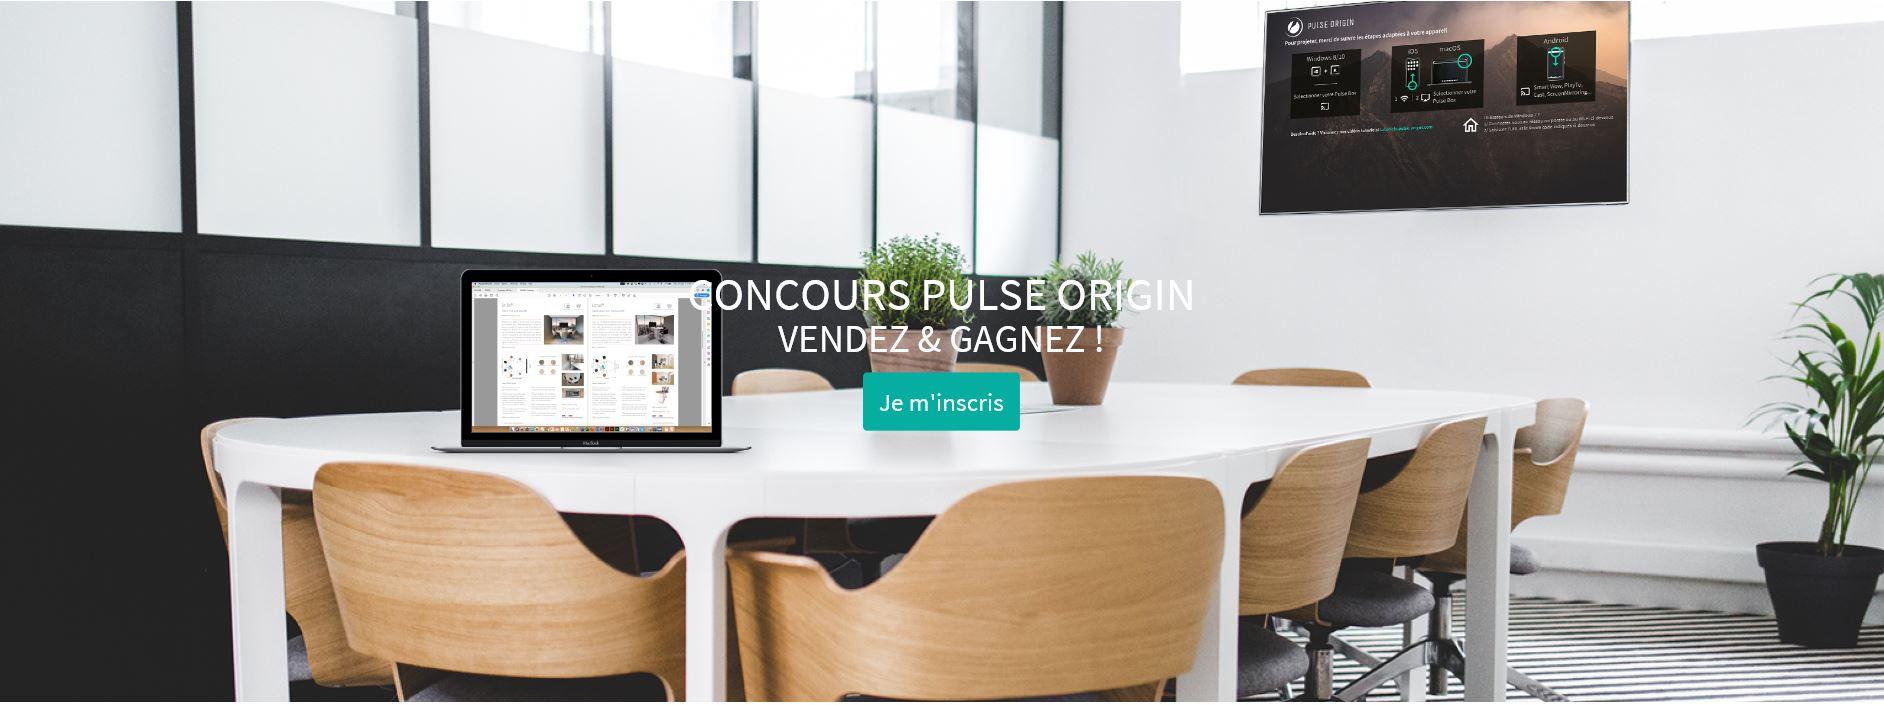 Concours Pulse Origin : vendez et gagnez !